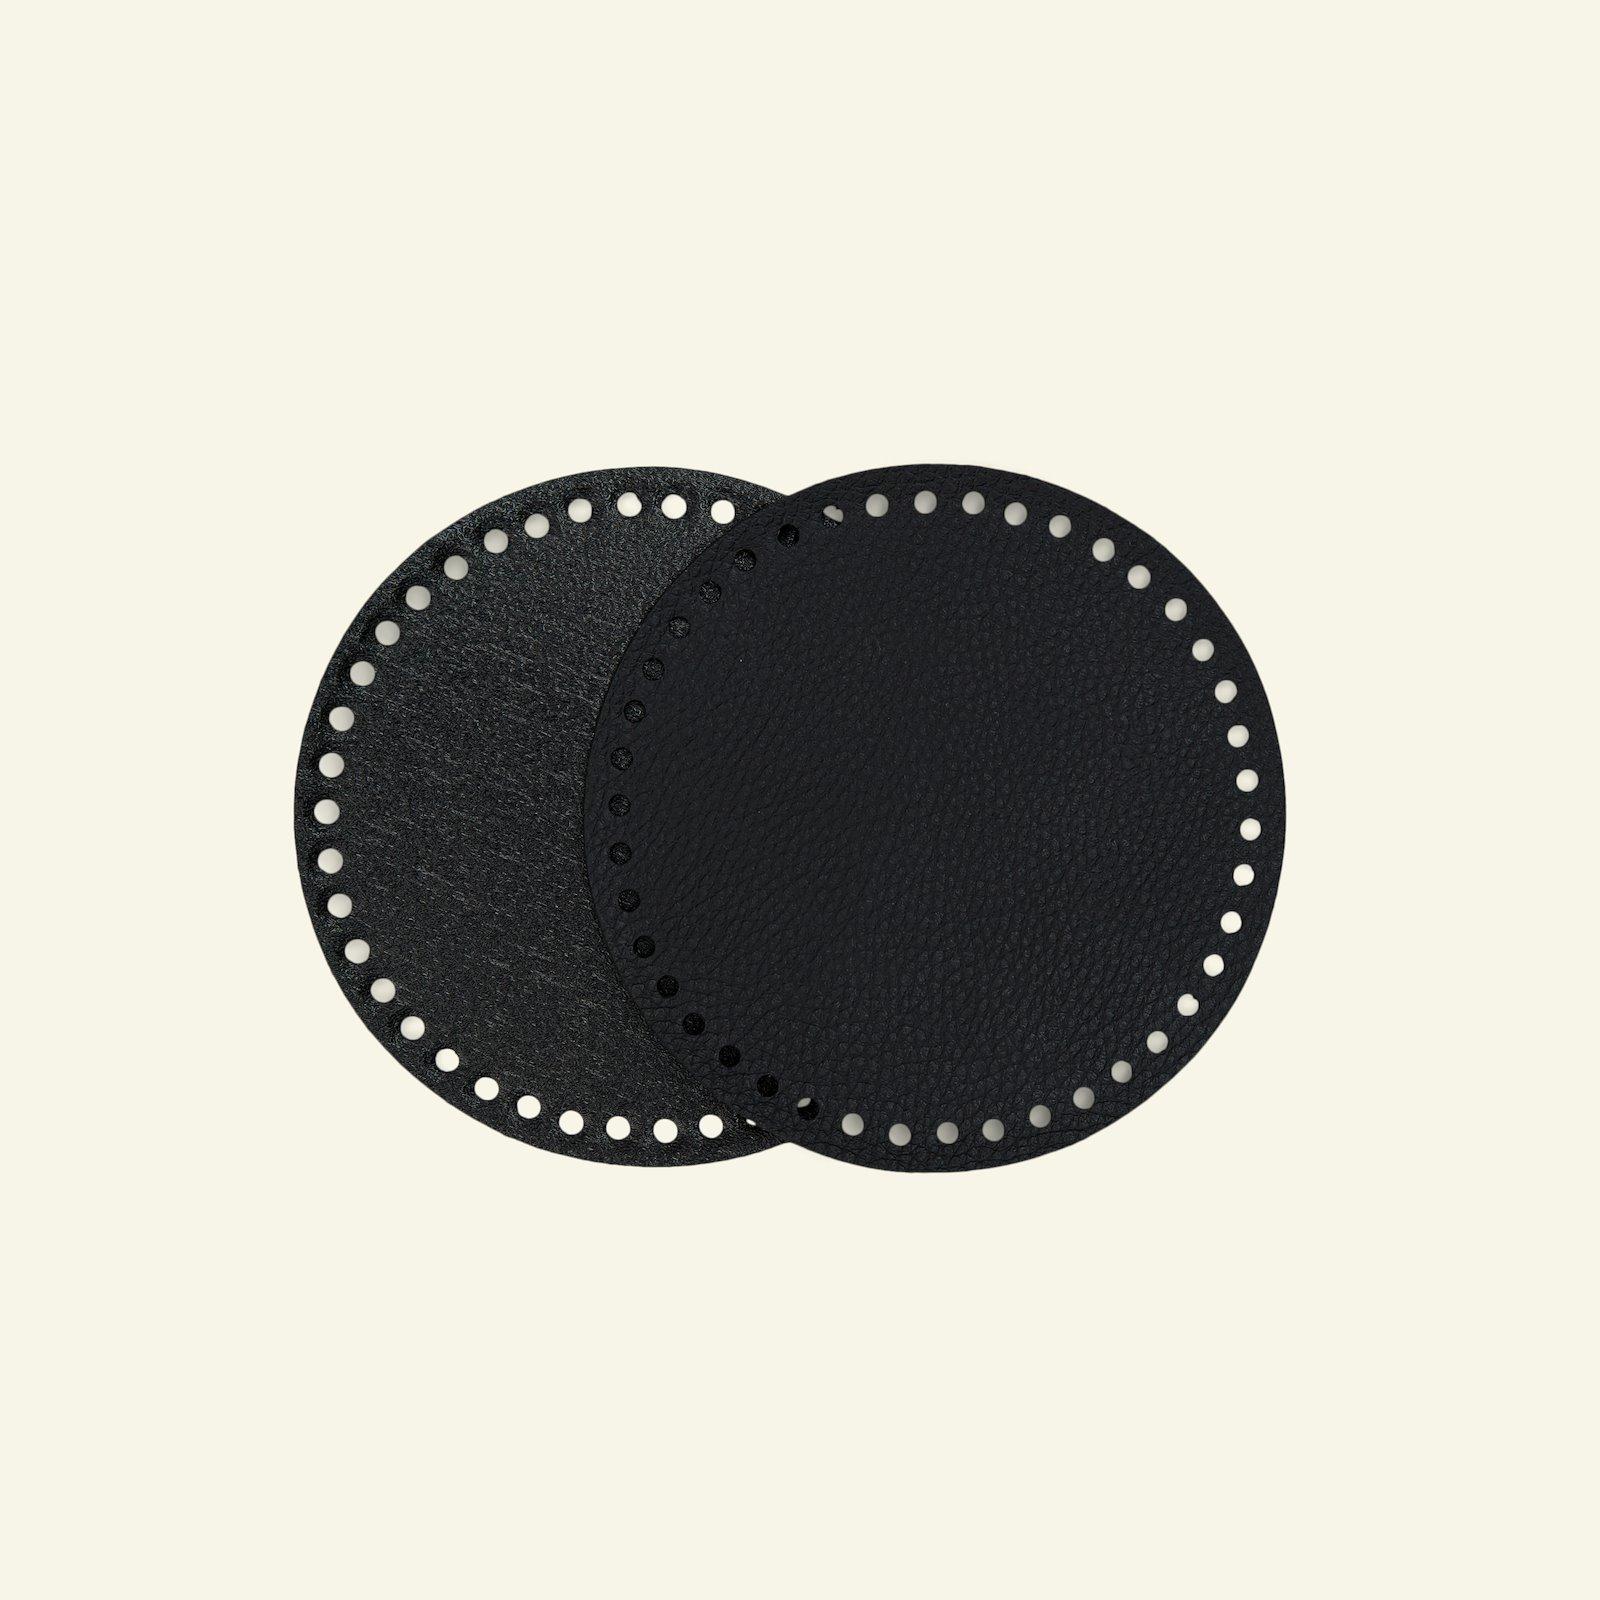 FRAYA Taschen-/Korbboden 16cm Schw., St. 83309_pack